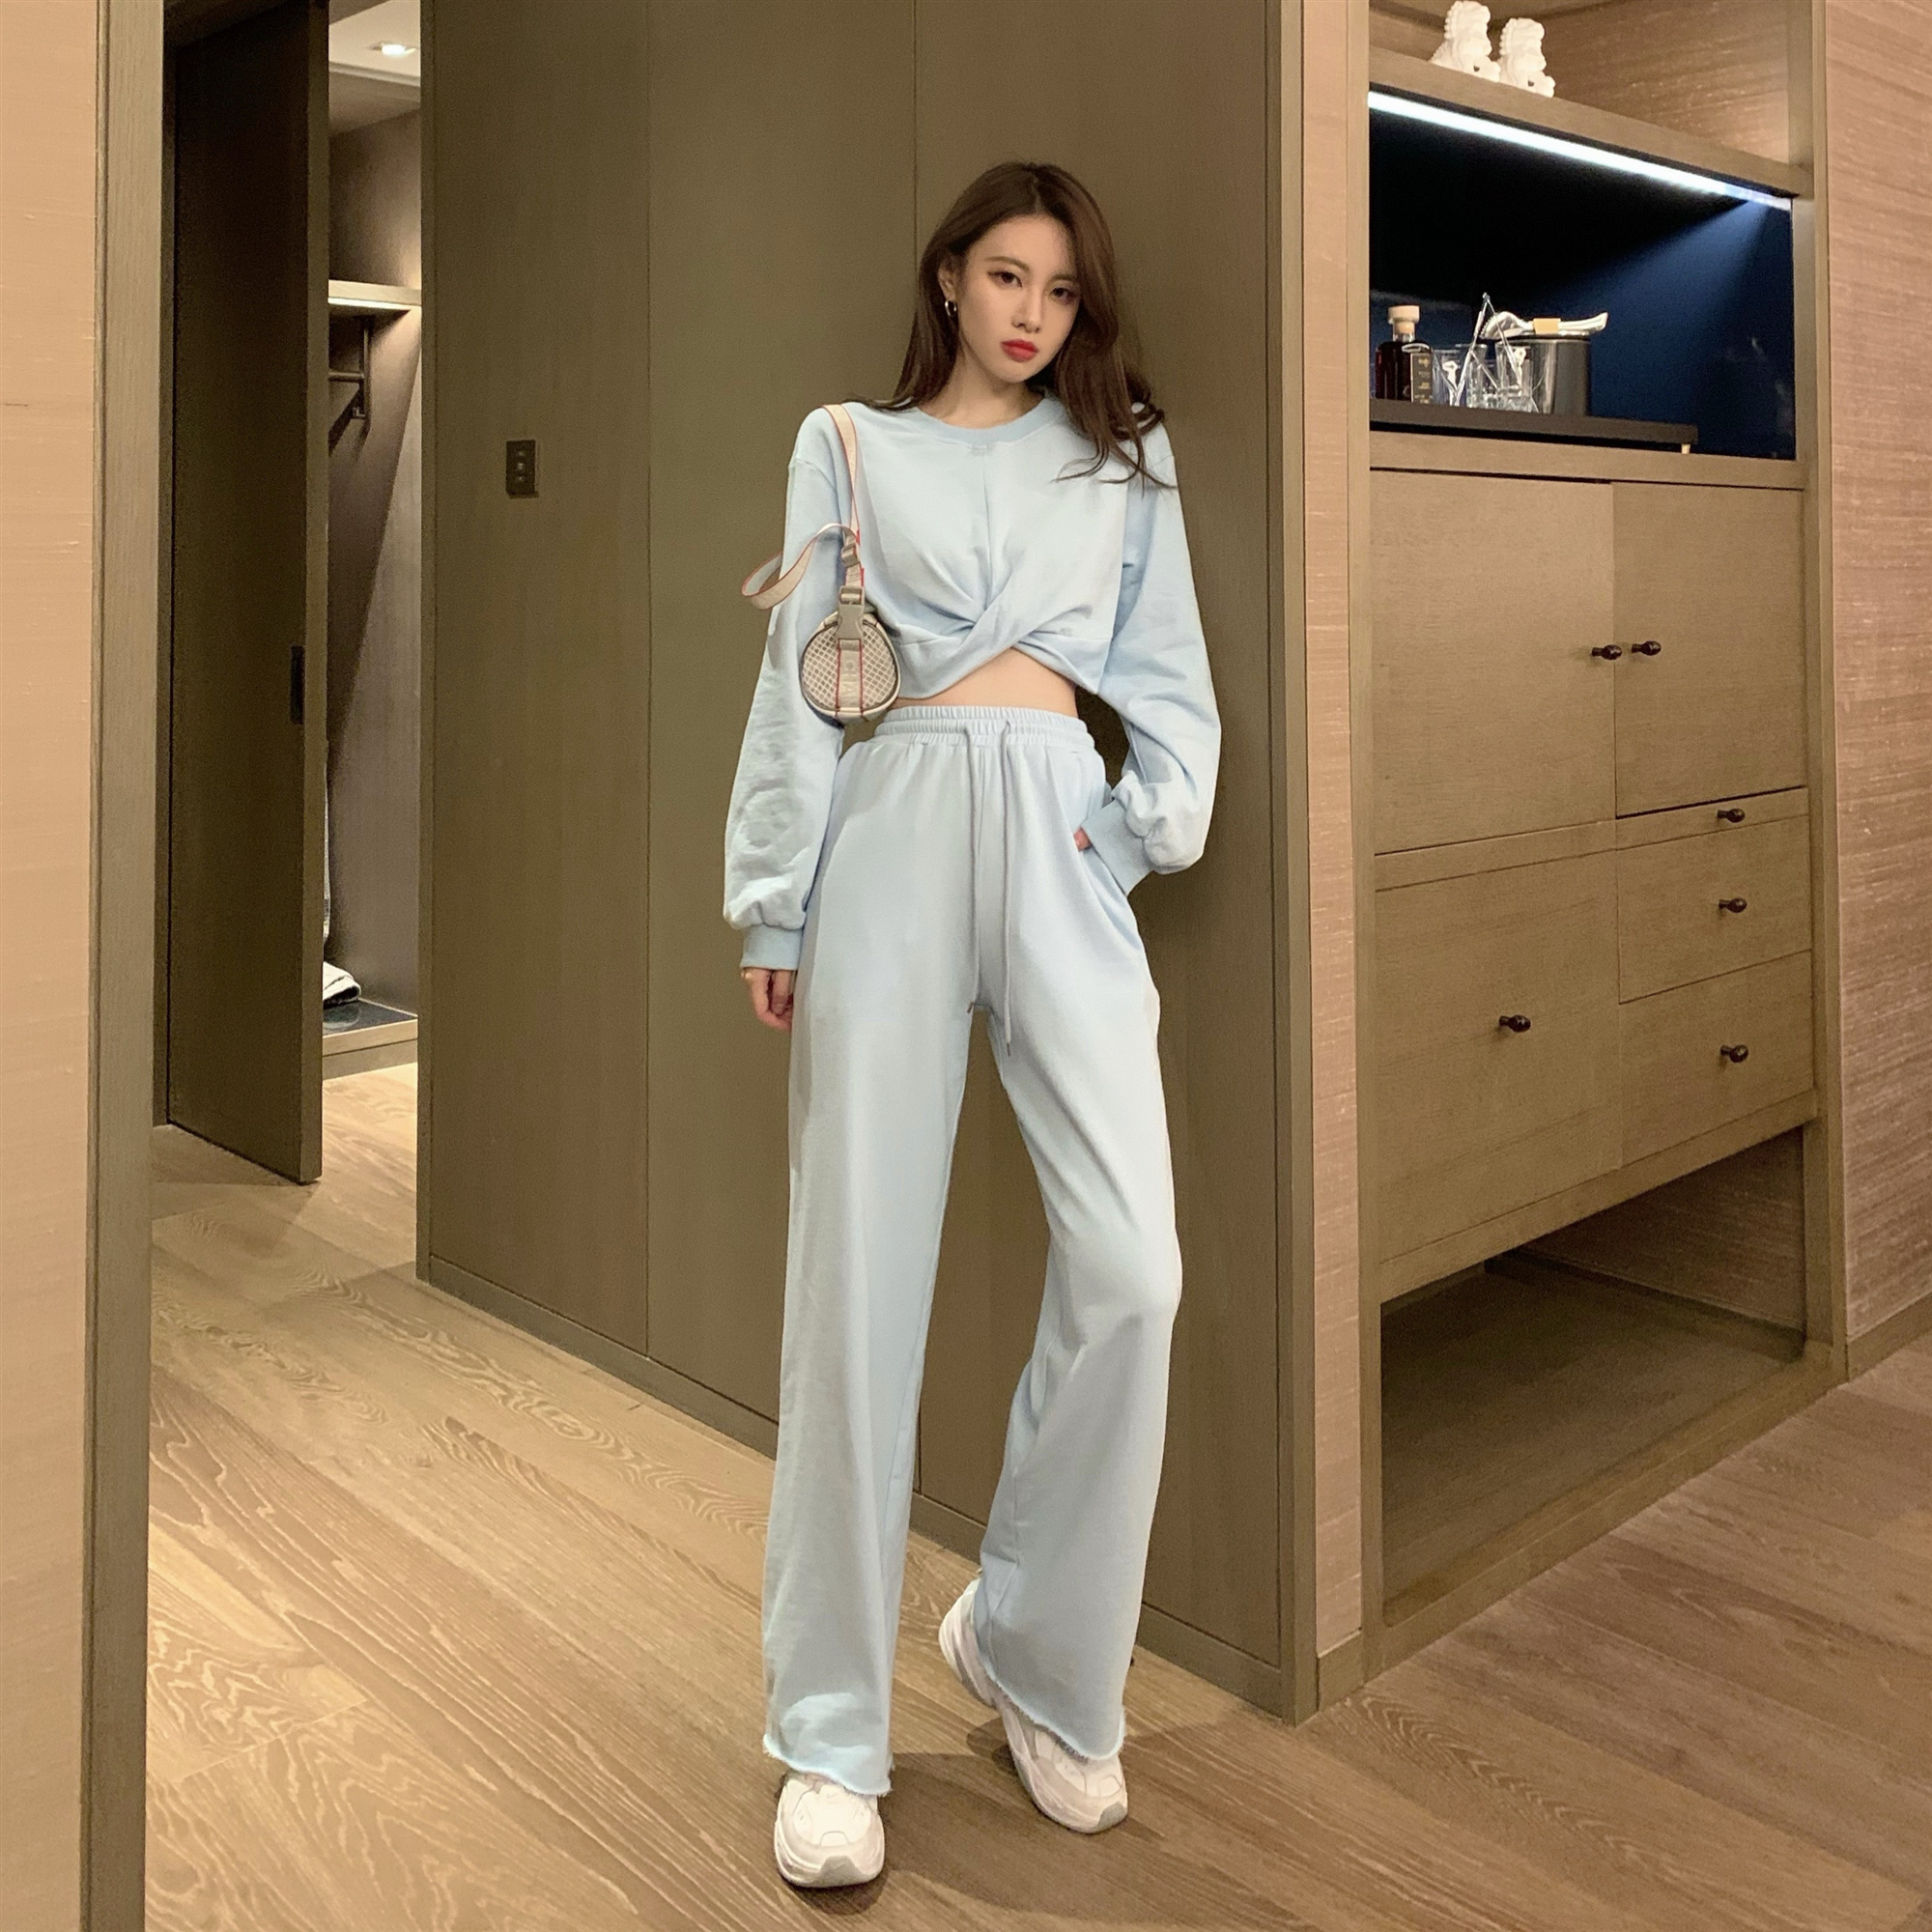 实拍实价 新款纯色短款卫衣女直简休闲长裤蓝色套装-小红猪XHZ-